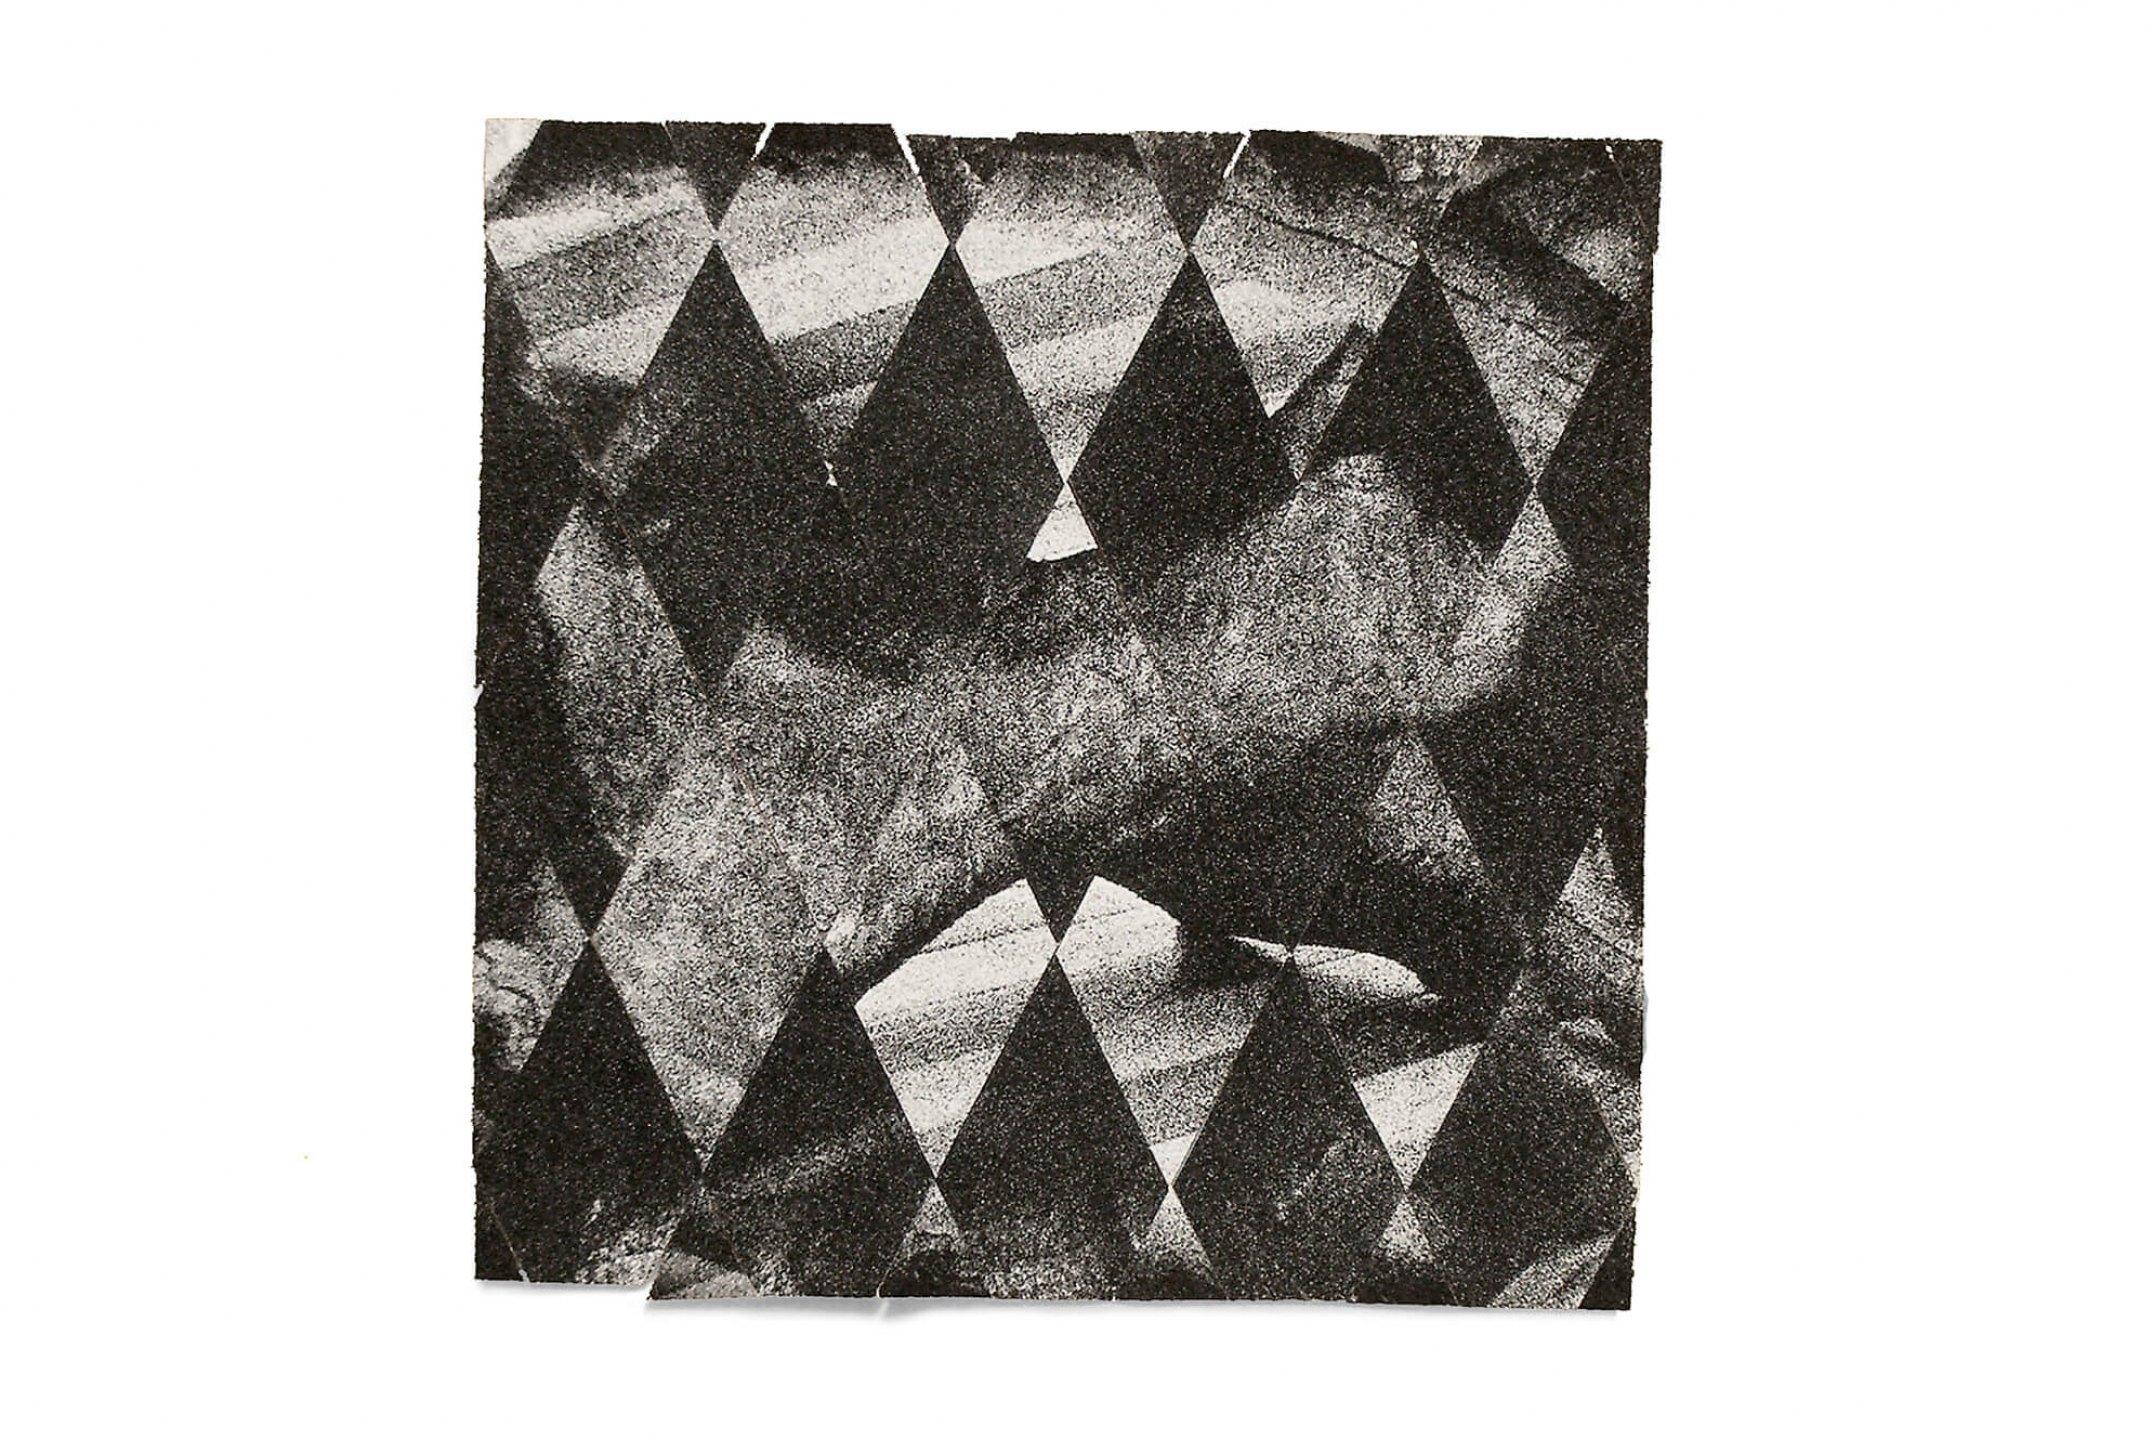 Daniel Steegmann Mangrané, <em>Novos Estudos</em>, 2013, 13 giclée prints, 60× 40, cm each - Mendes Wood DM